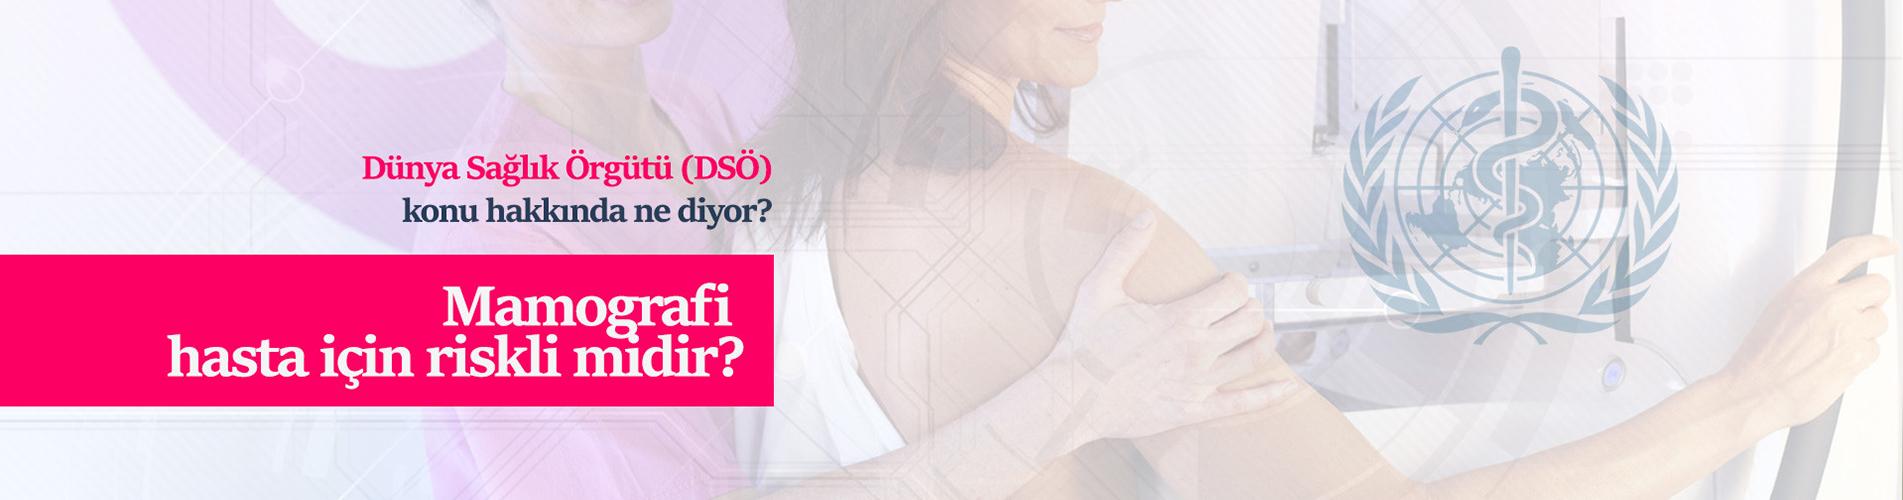 mamografi-hasta-icin-riskli-midir